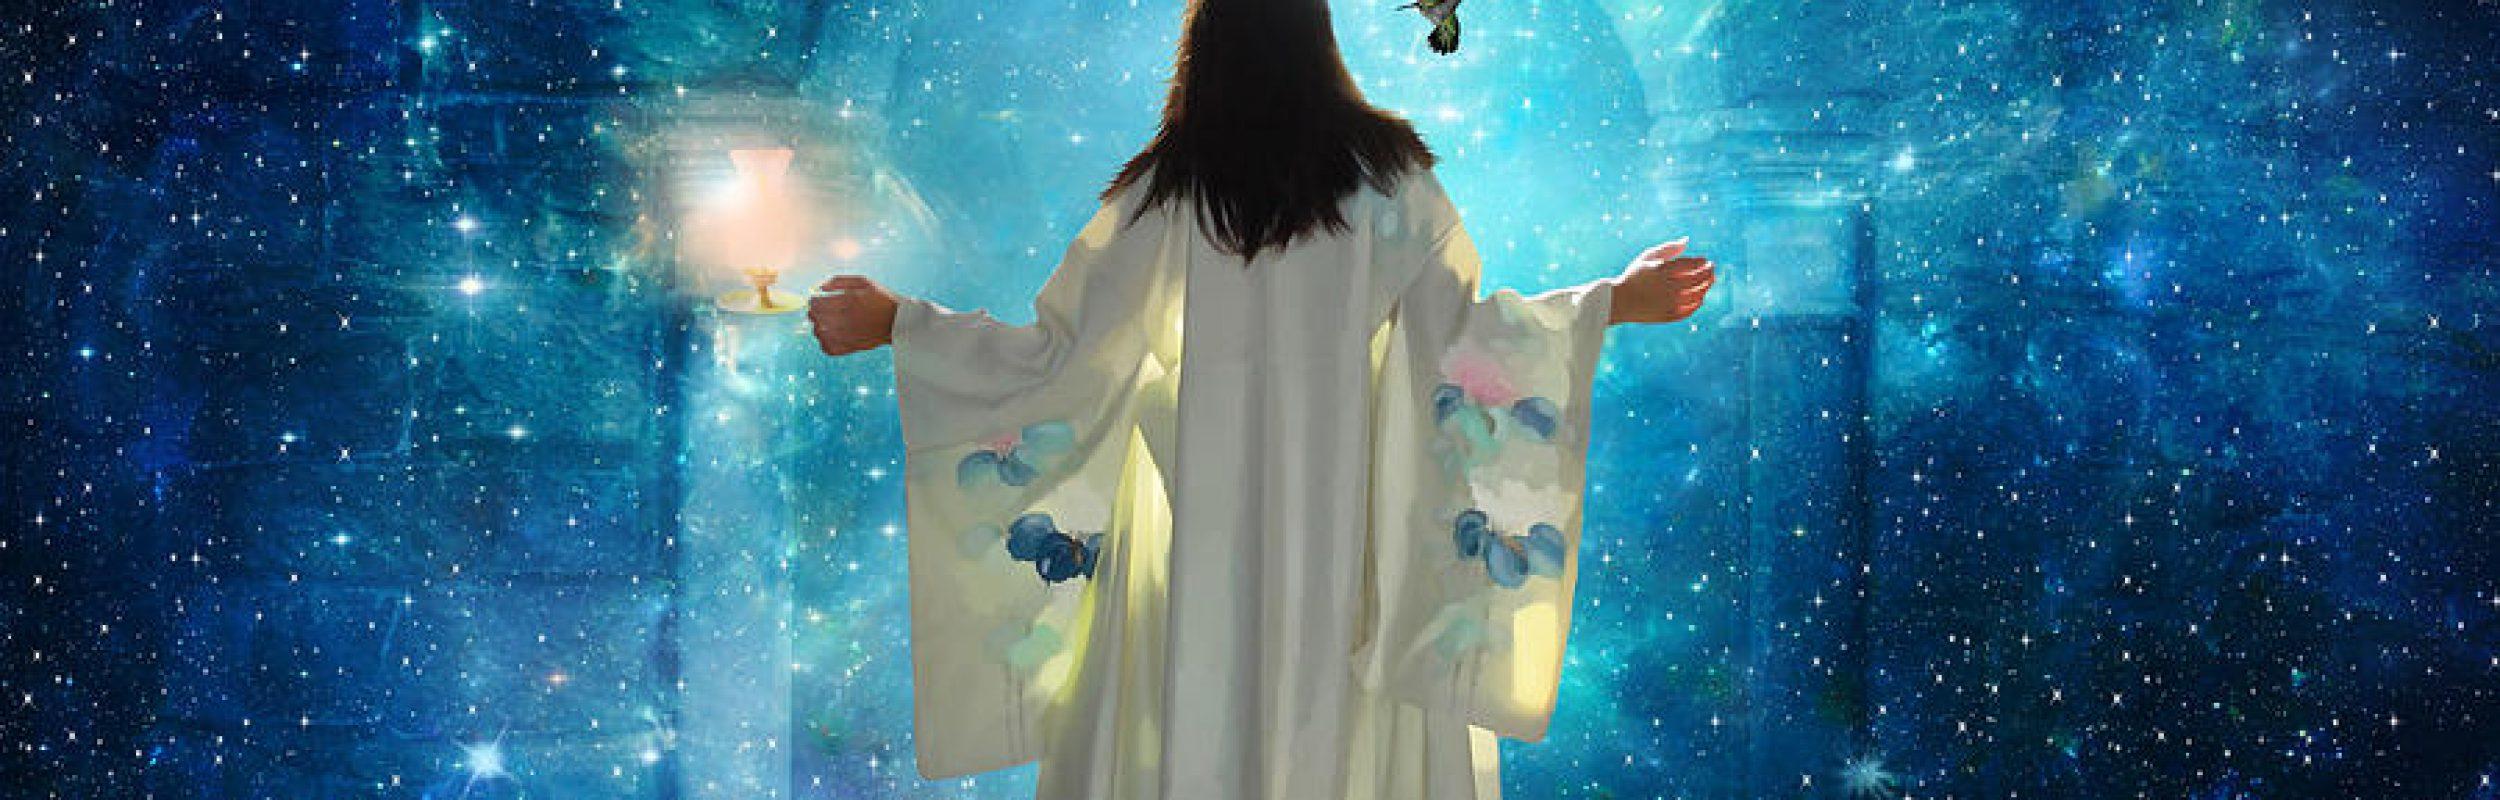 El matrimonio místico, íncubos y súcubos y las llamas gemelas